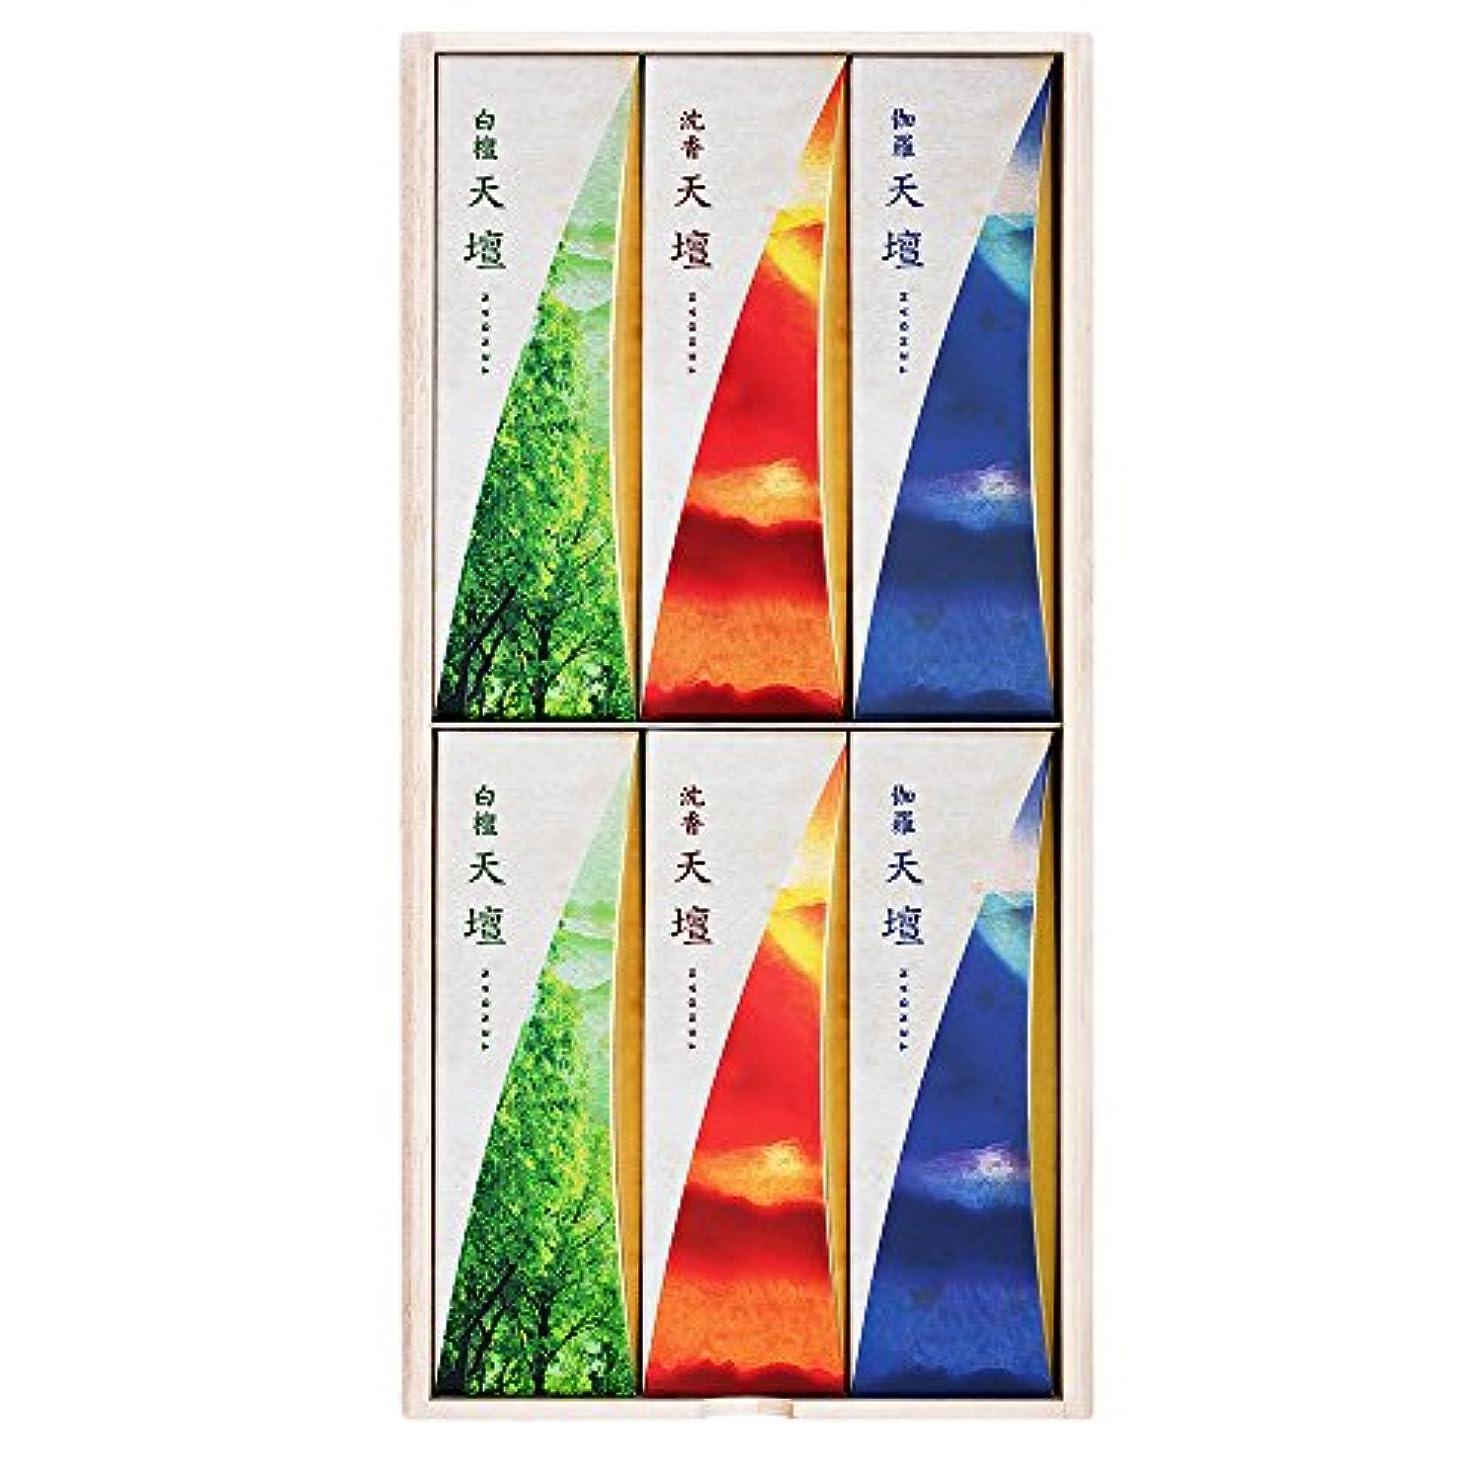 肥沃な累積カルシウム天壇進物5000 桐箱 包装品 (白檀の香り2箱、沈香の香り2箱、伽羅の香り2箱)